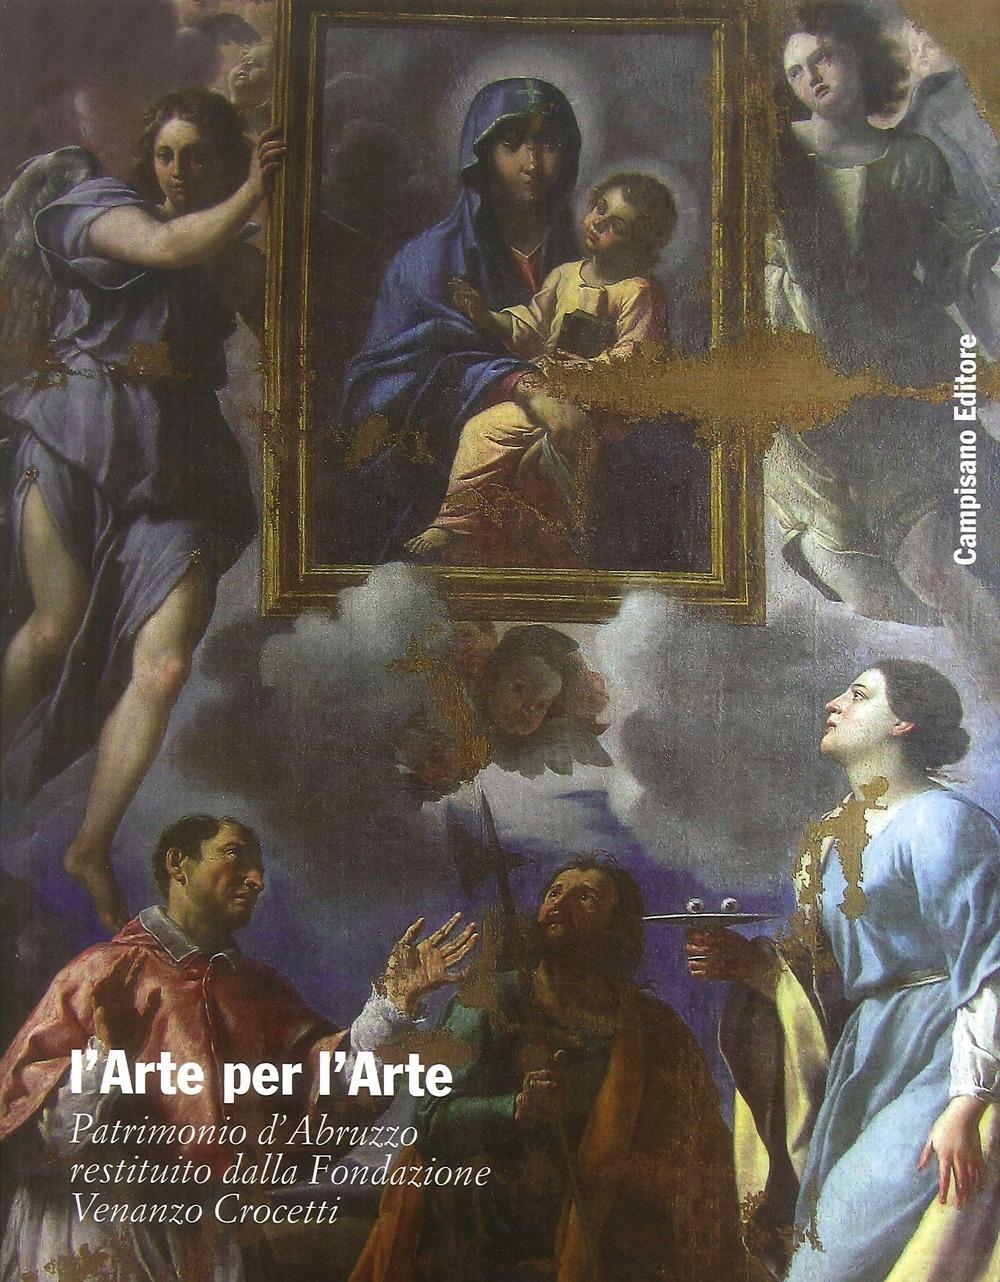 L'Arte per l'Arte. Patrimonio d'Abruzzo Restituito dalla Fondazione Venanzo Crocetti